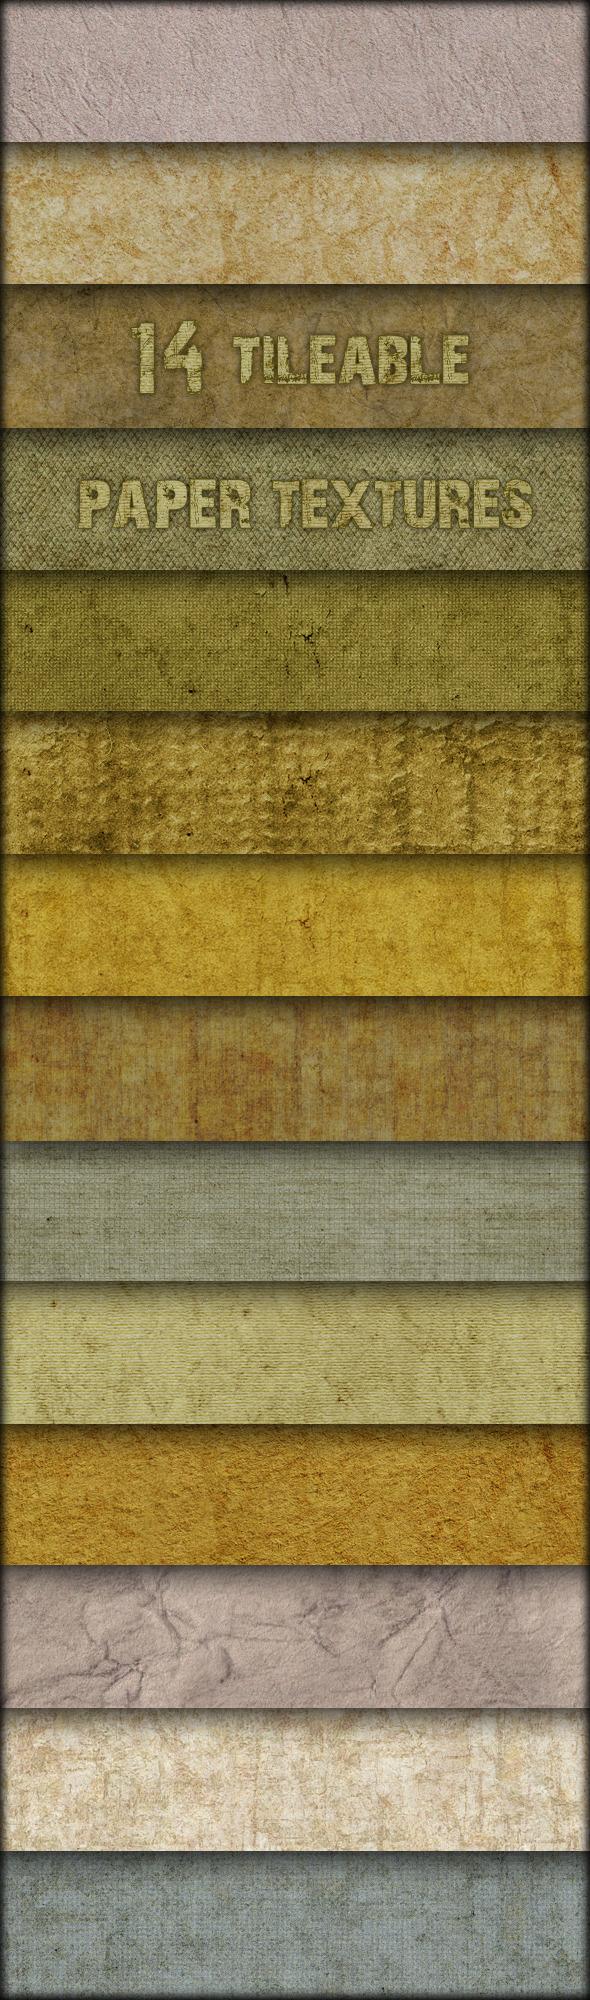 14 Tileable paper textures - Paper Textures